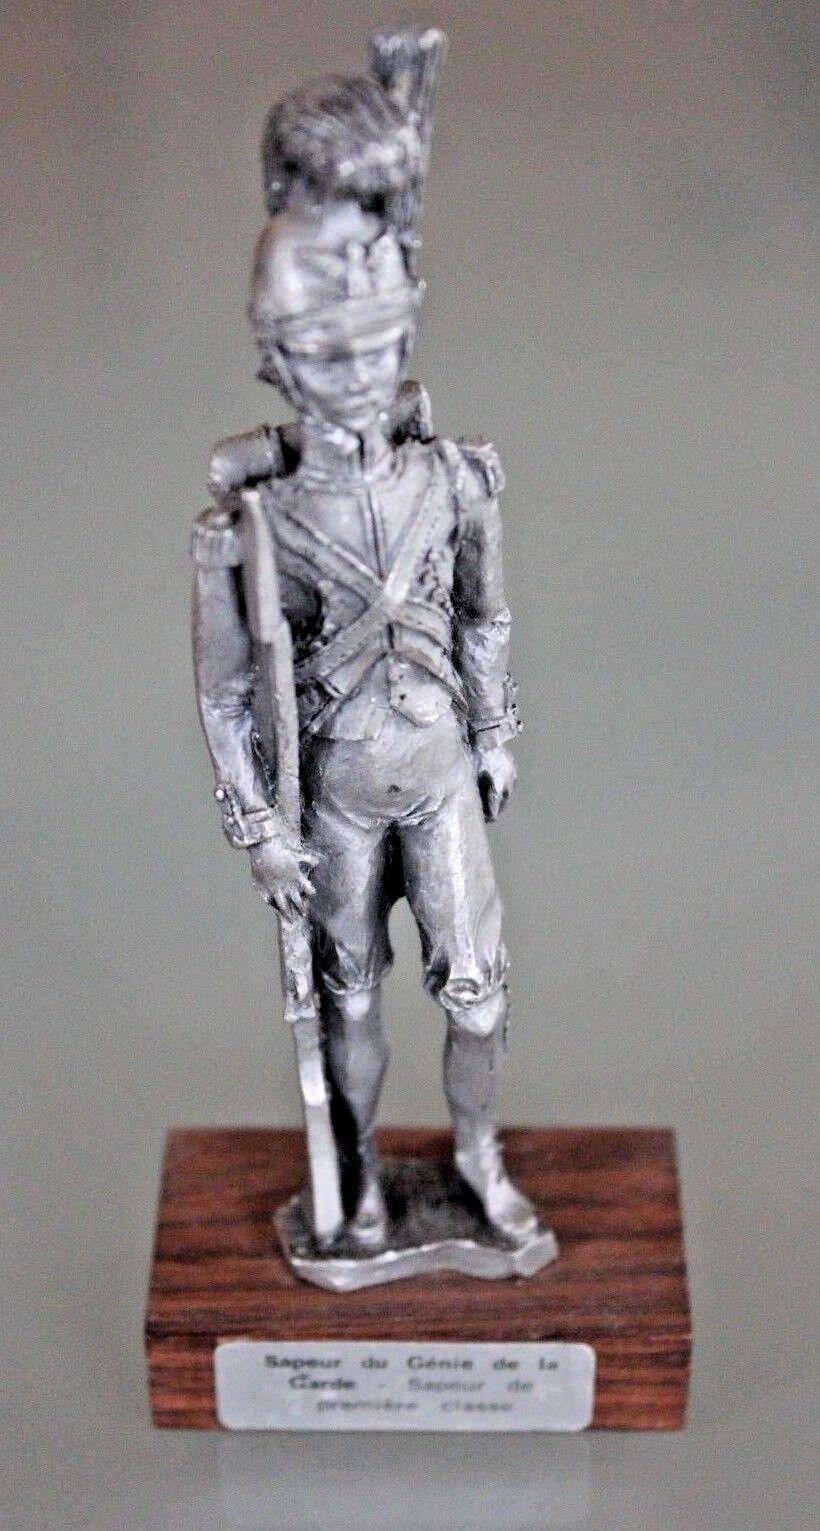 Soldat Zinn das Zinn der Prinz Sapeurs Du Génie der Garde First Class